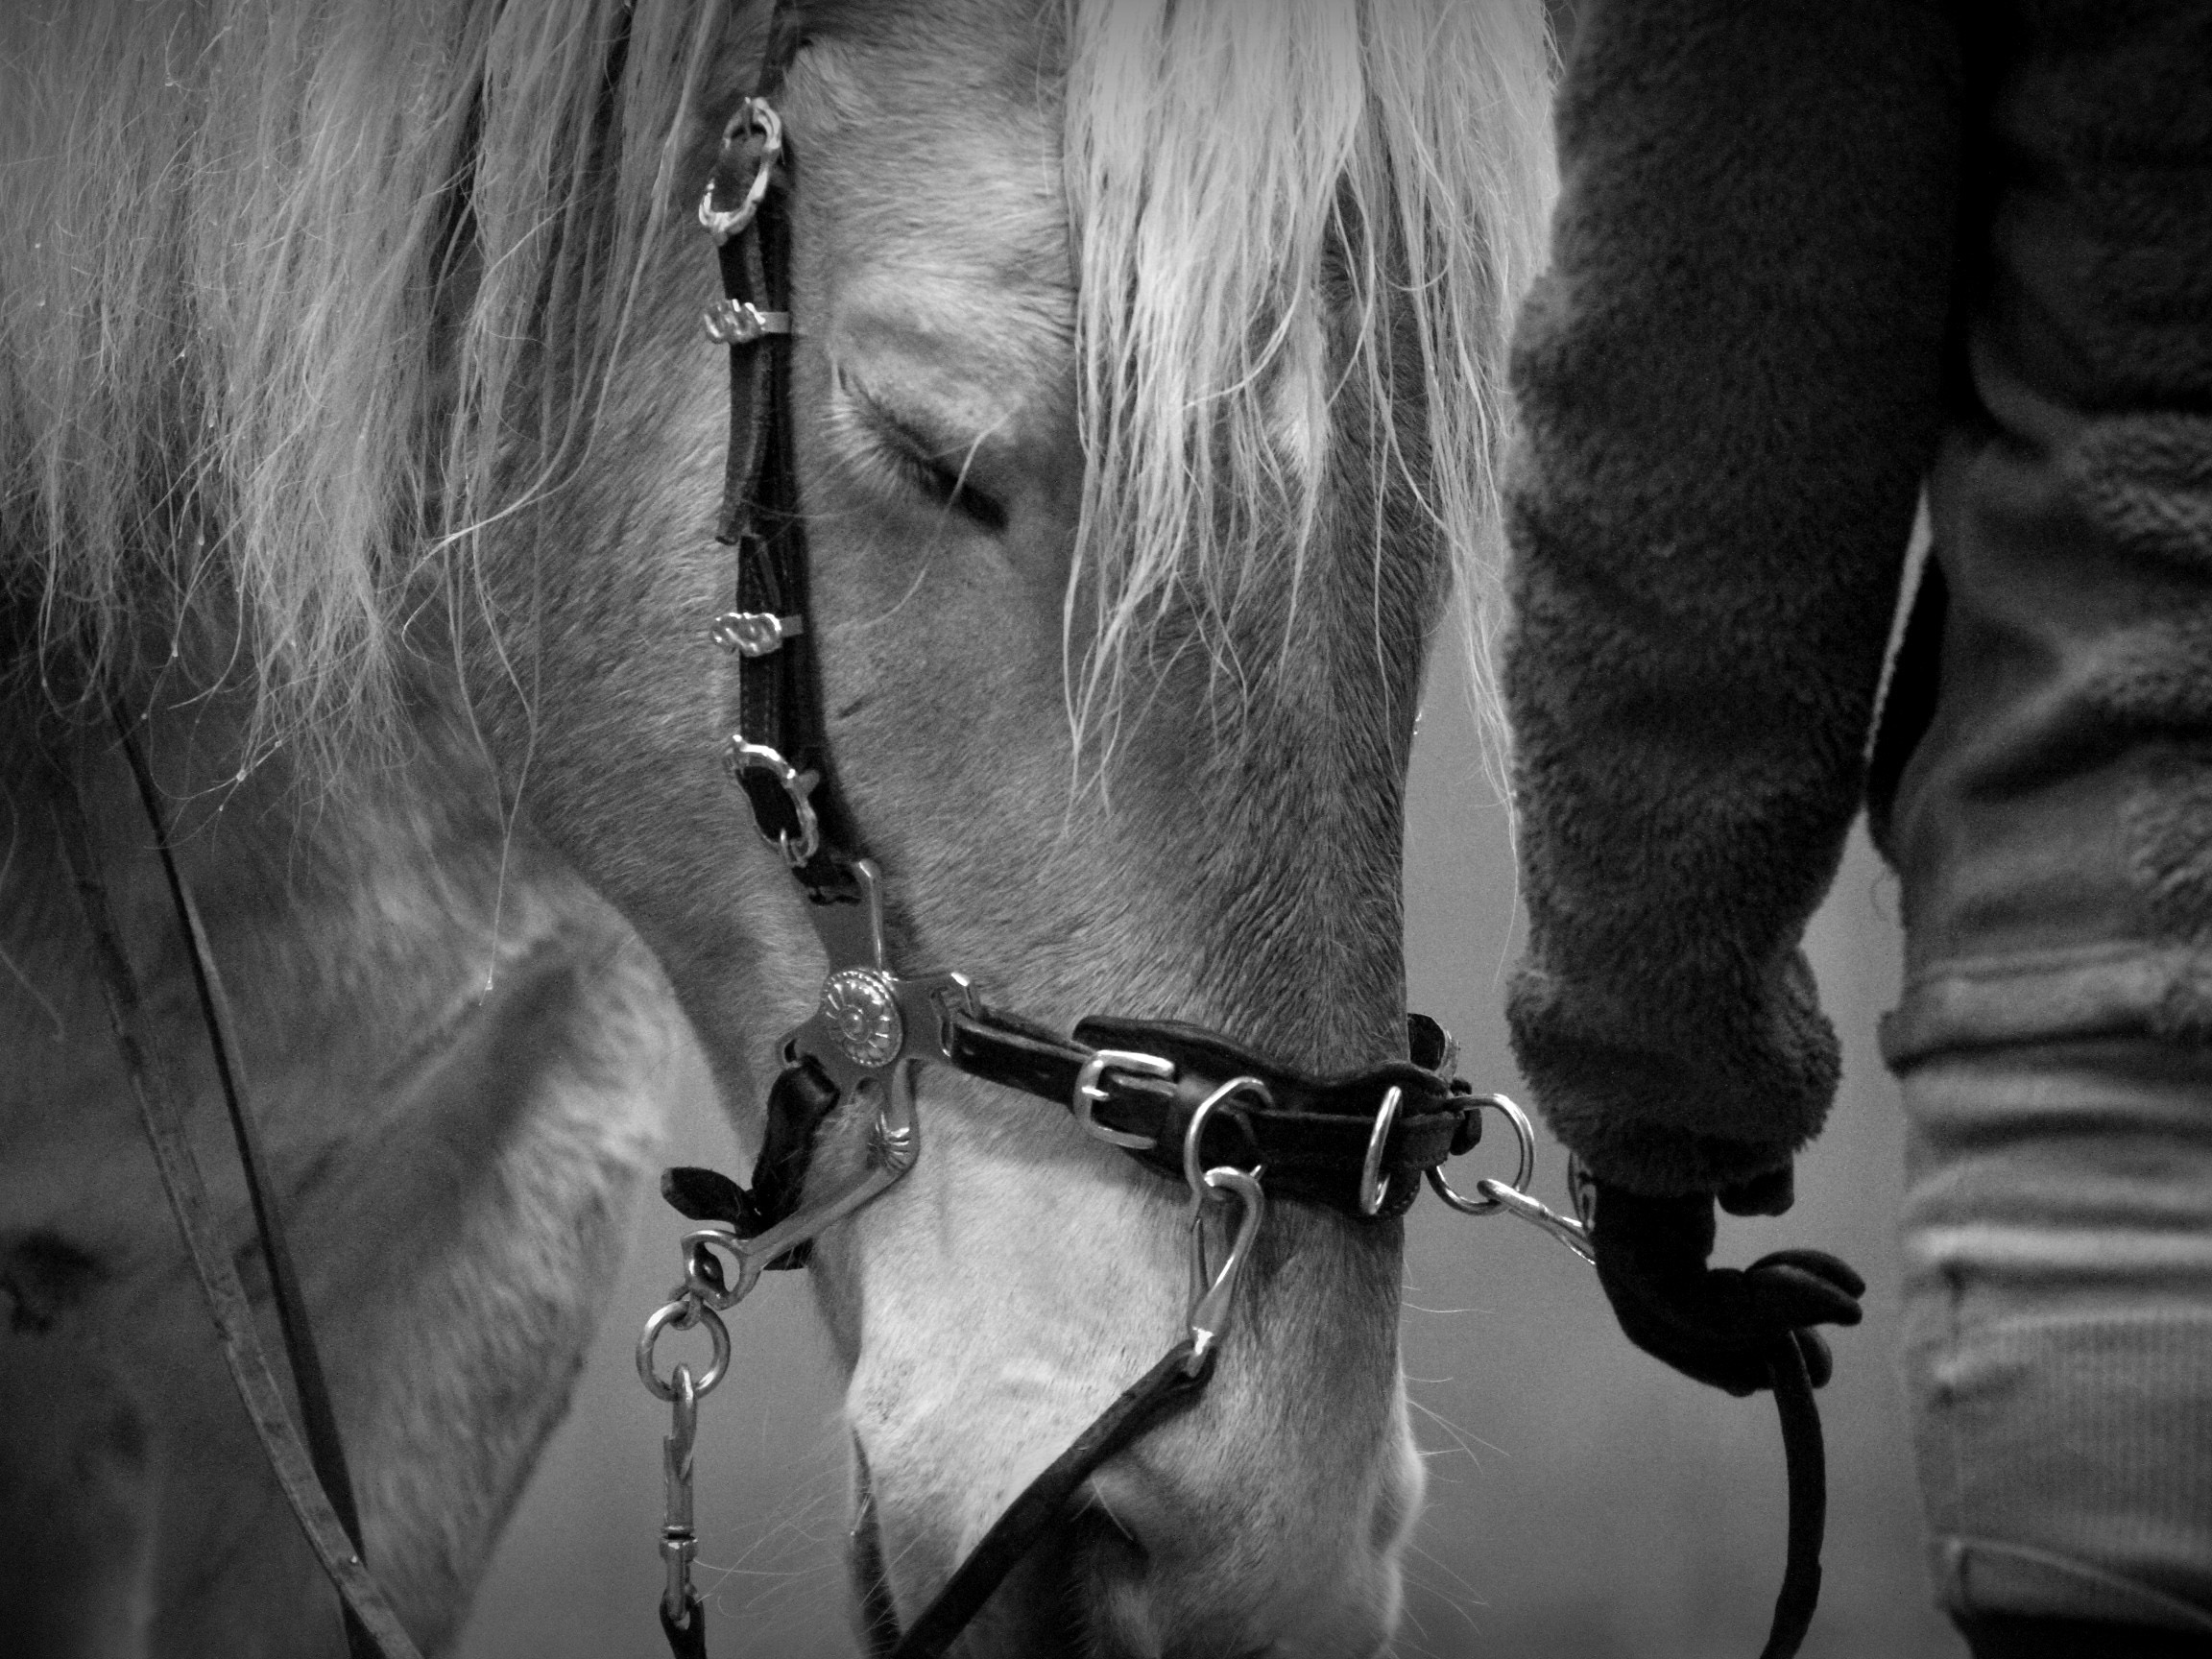 PRIVELESSEN - Als coach, instructrice en trainer begeleid ik jou en je paard tijdens intensieve privélessen. Deze privélessen worden gegeven op mijn thuislocatie Trainingscentrum De Maesberg in Arnhem.